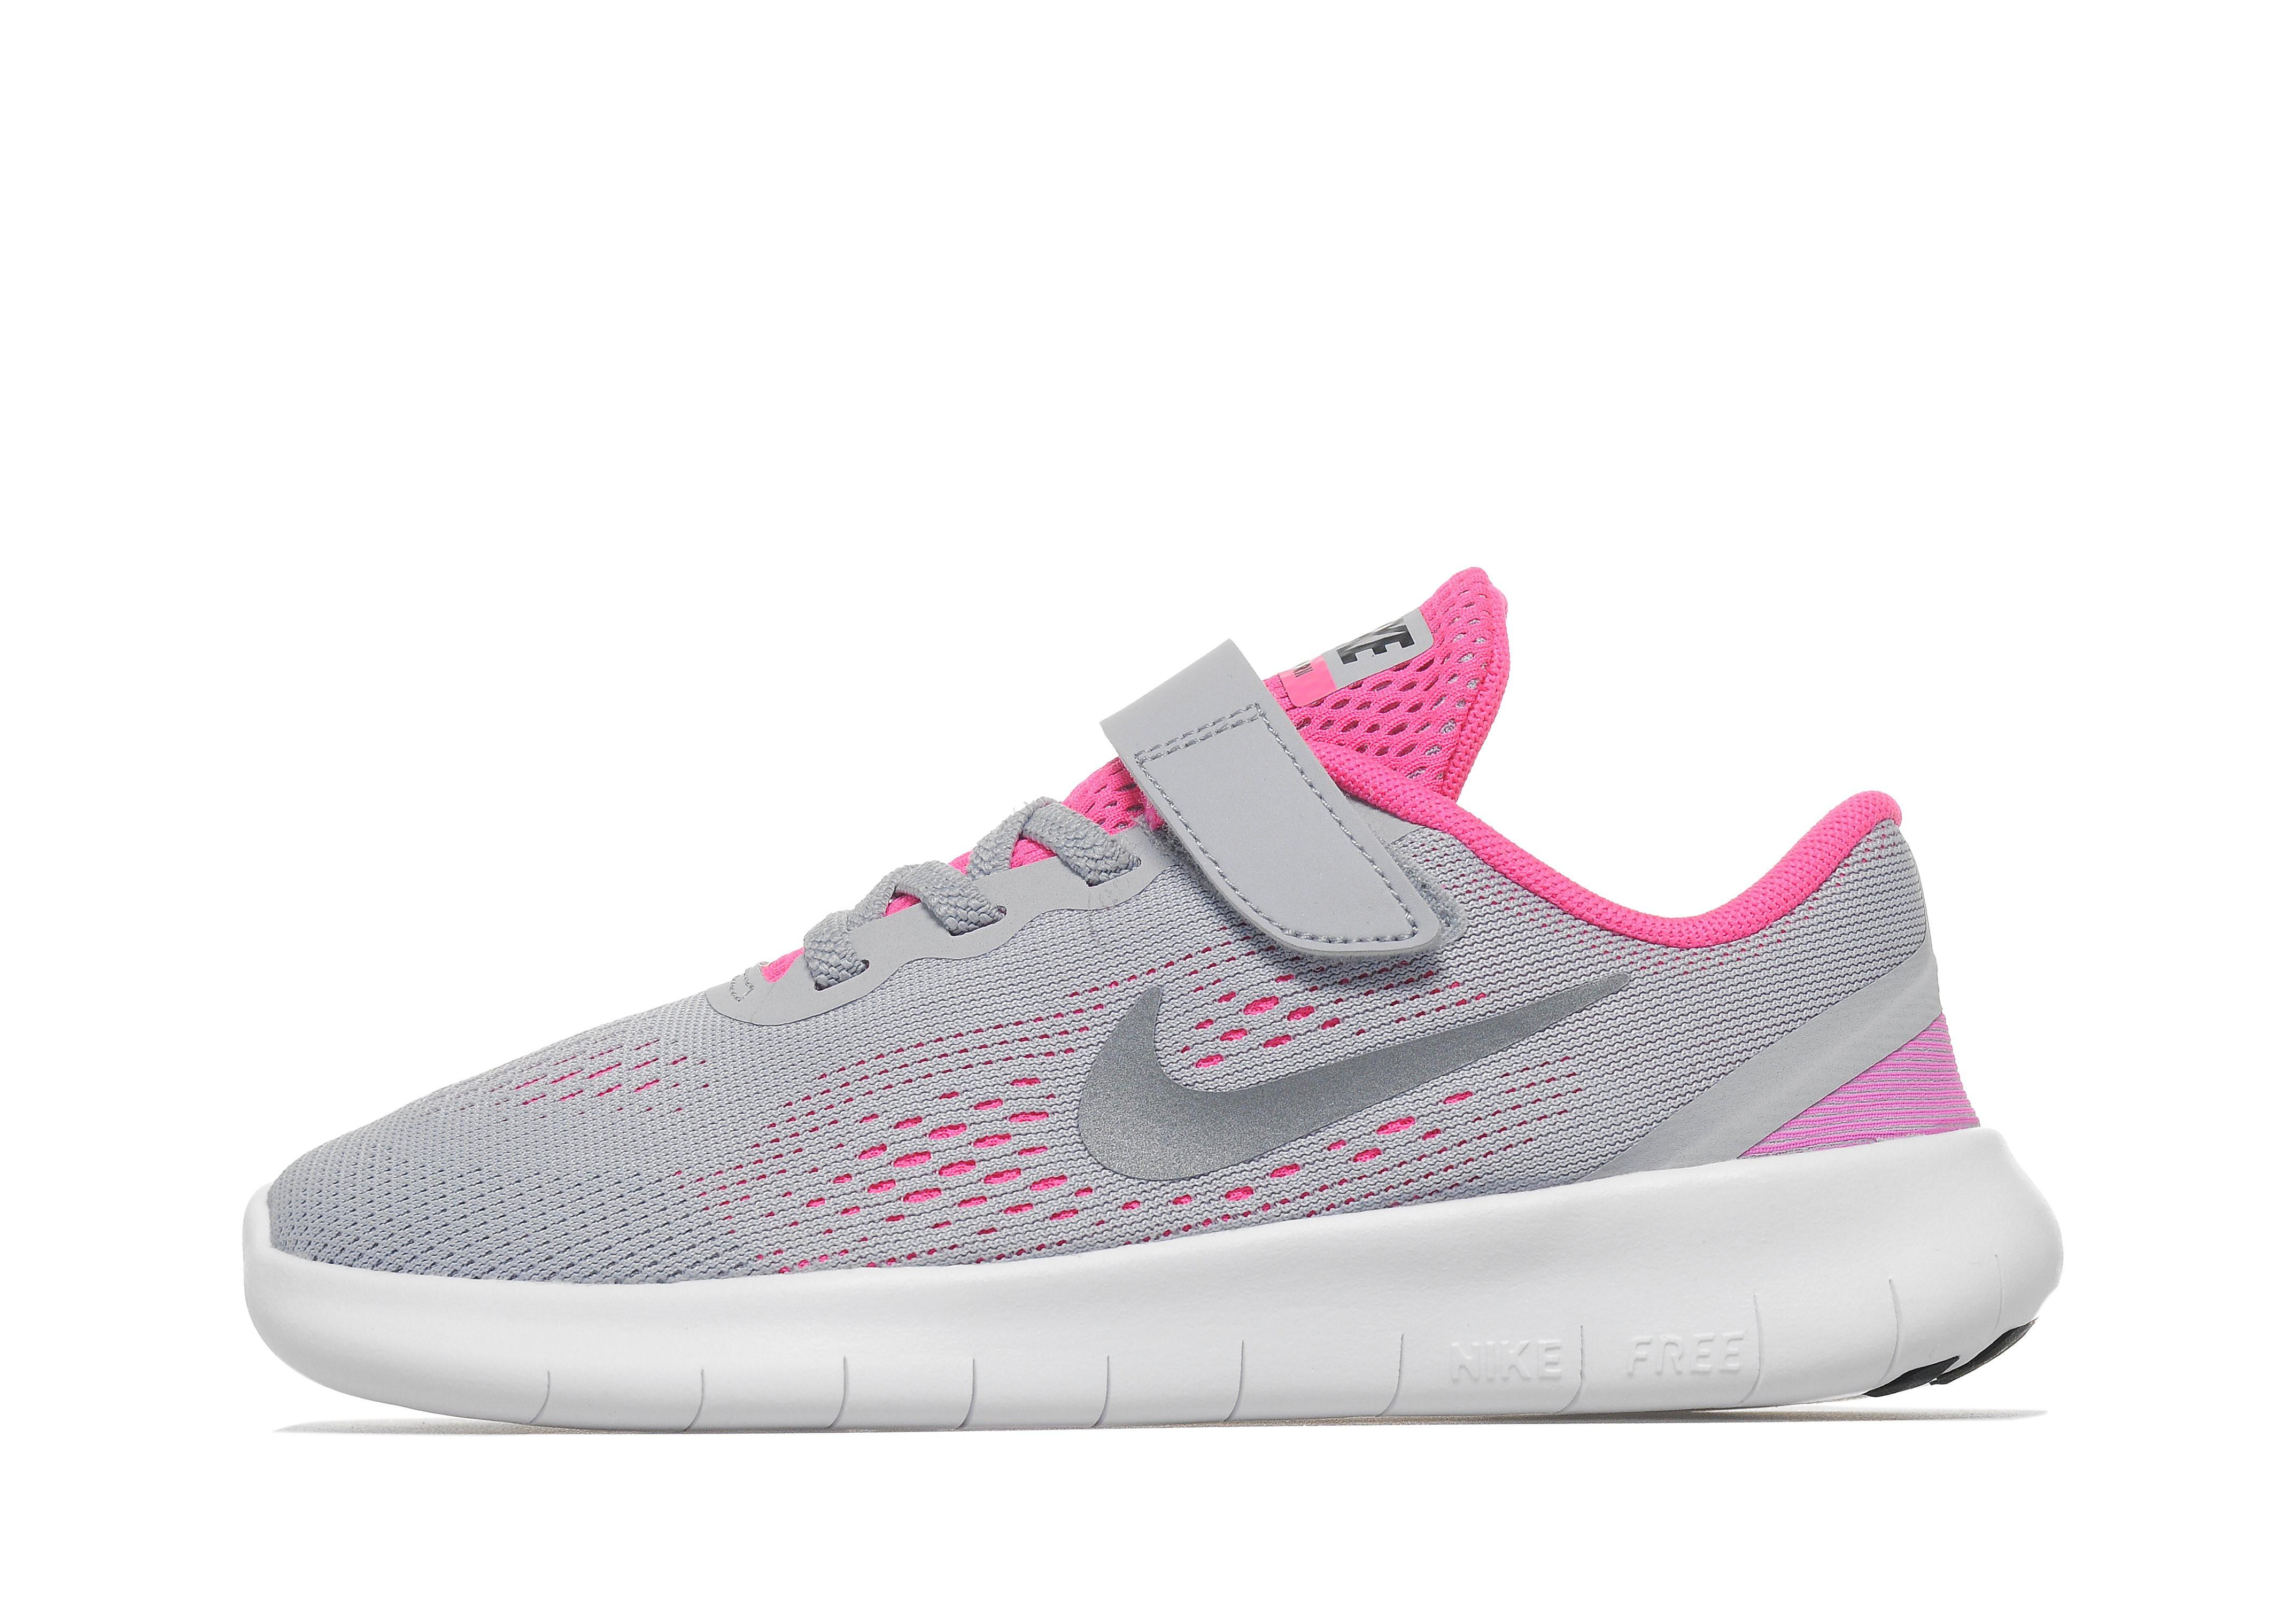 Nike Free Run Children